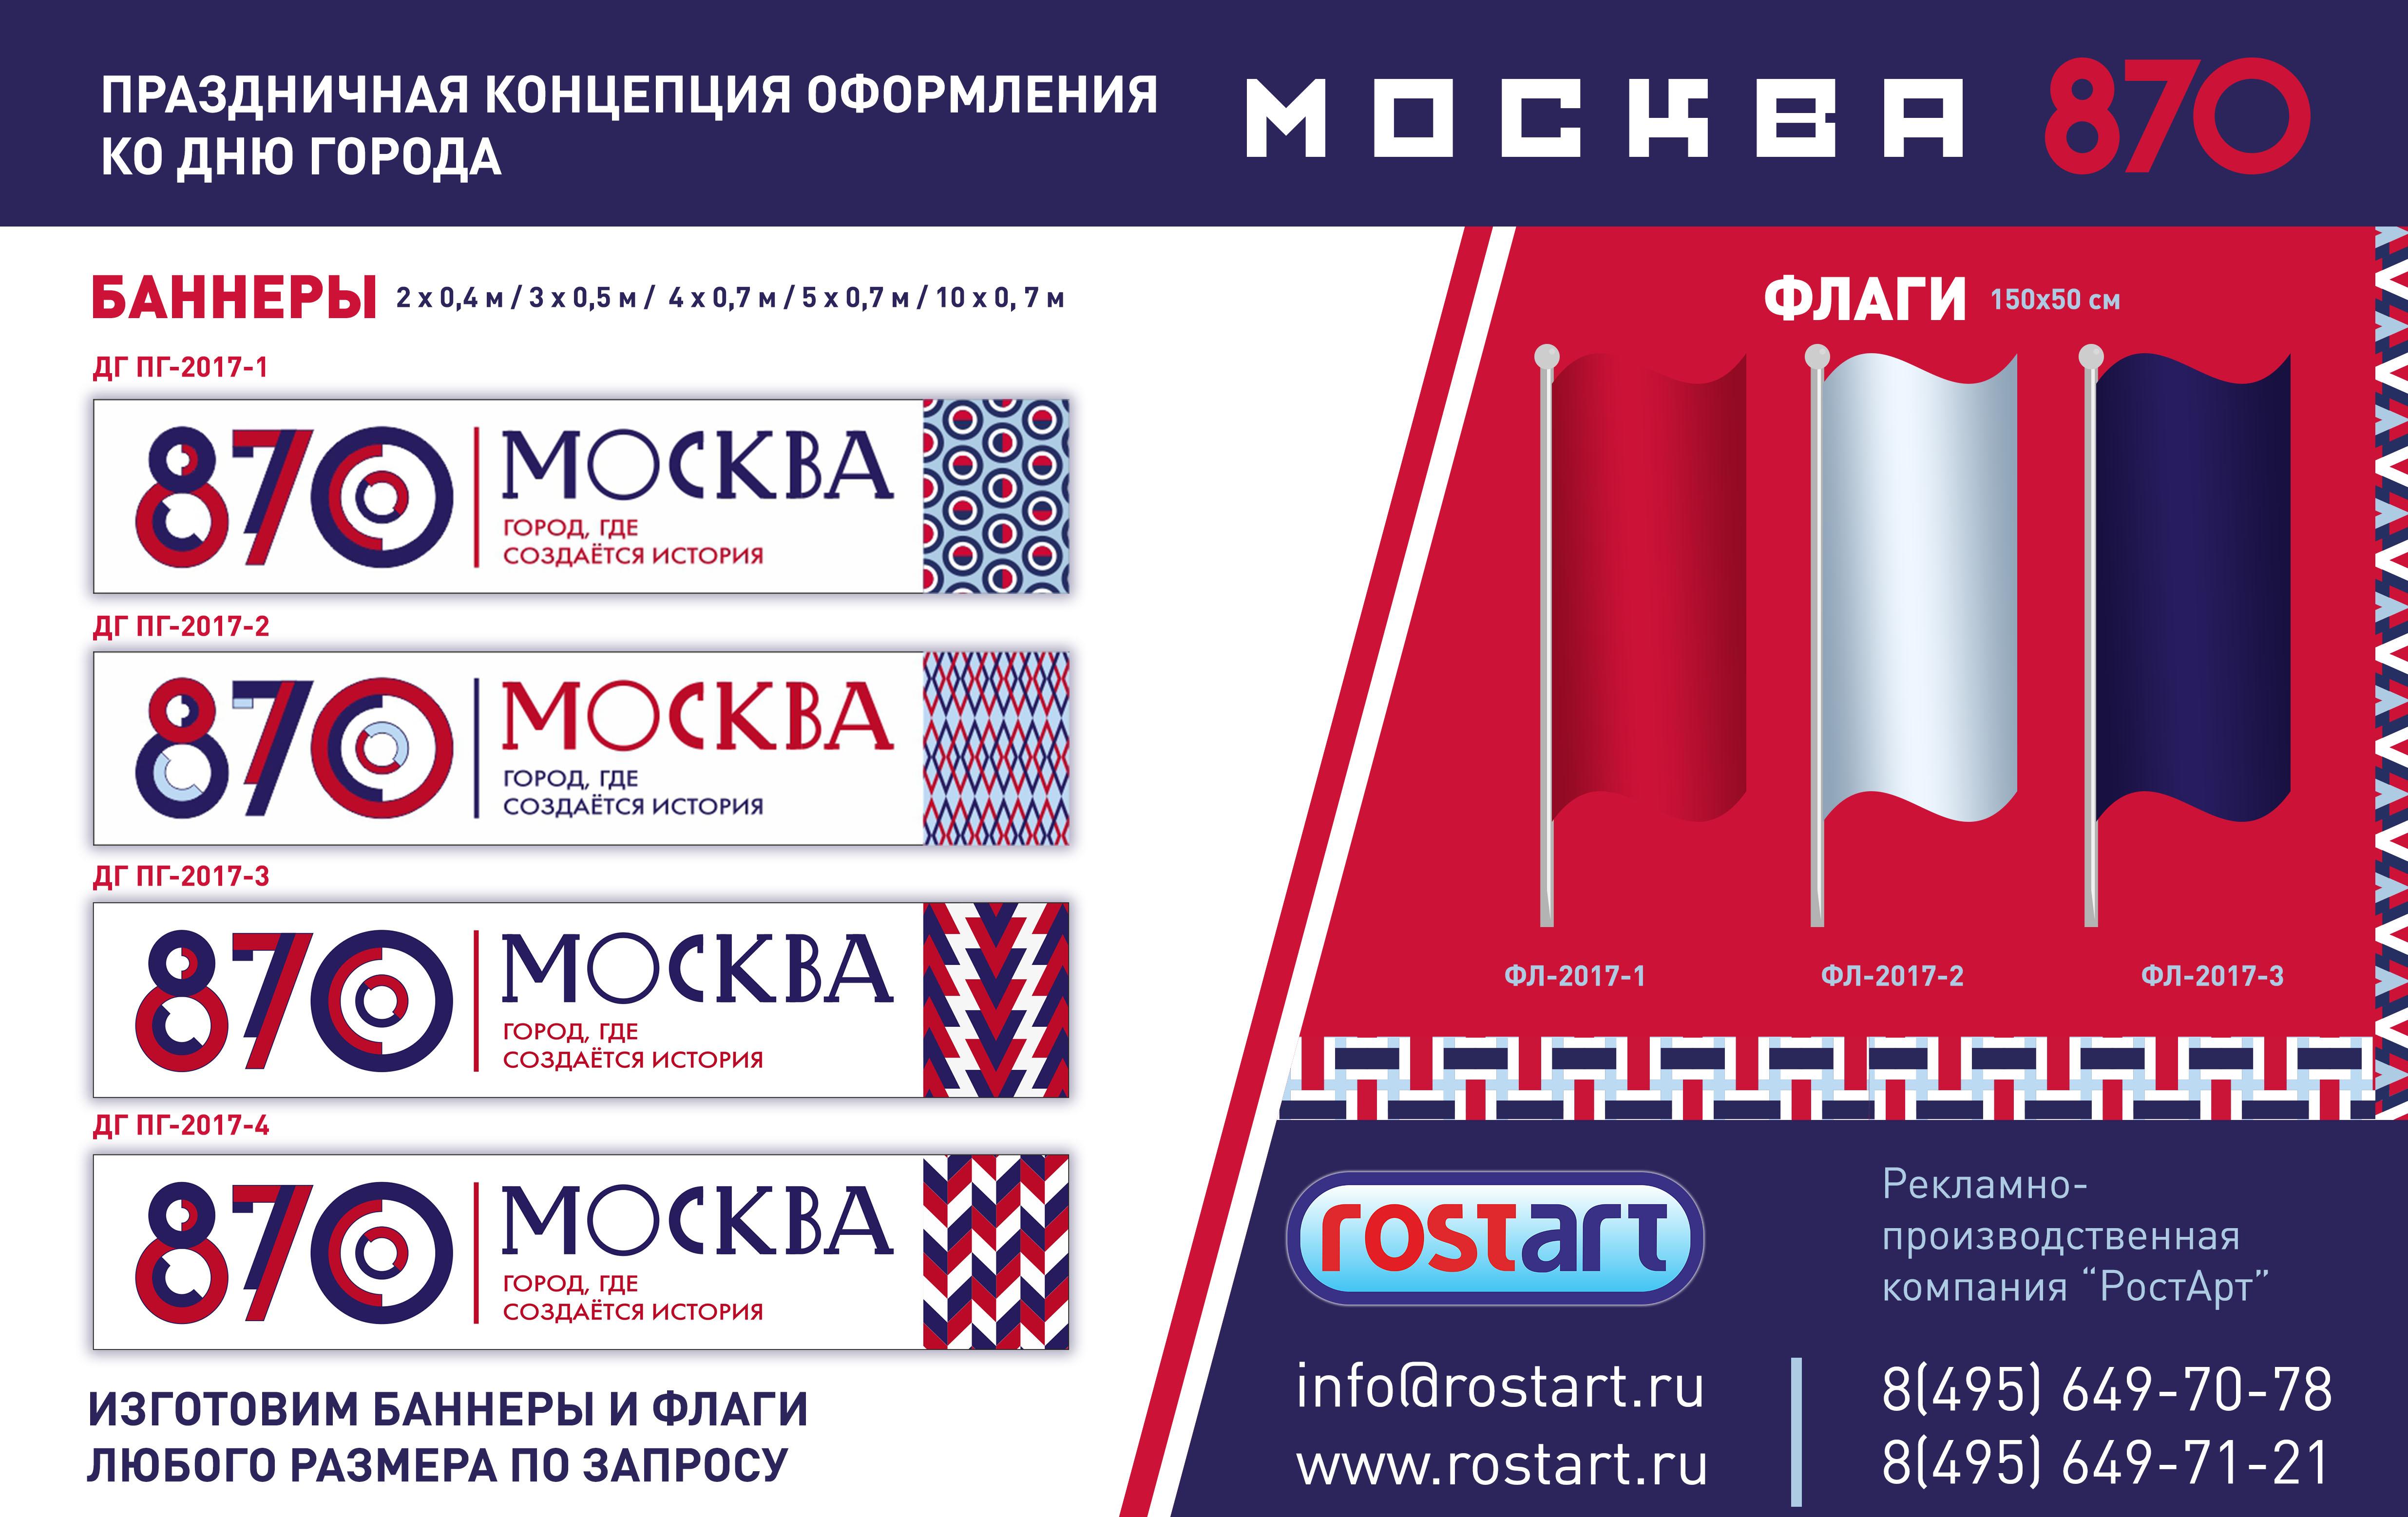 Праздничная концепция оформления Москвы ко Дню города 870 2